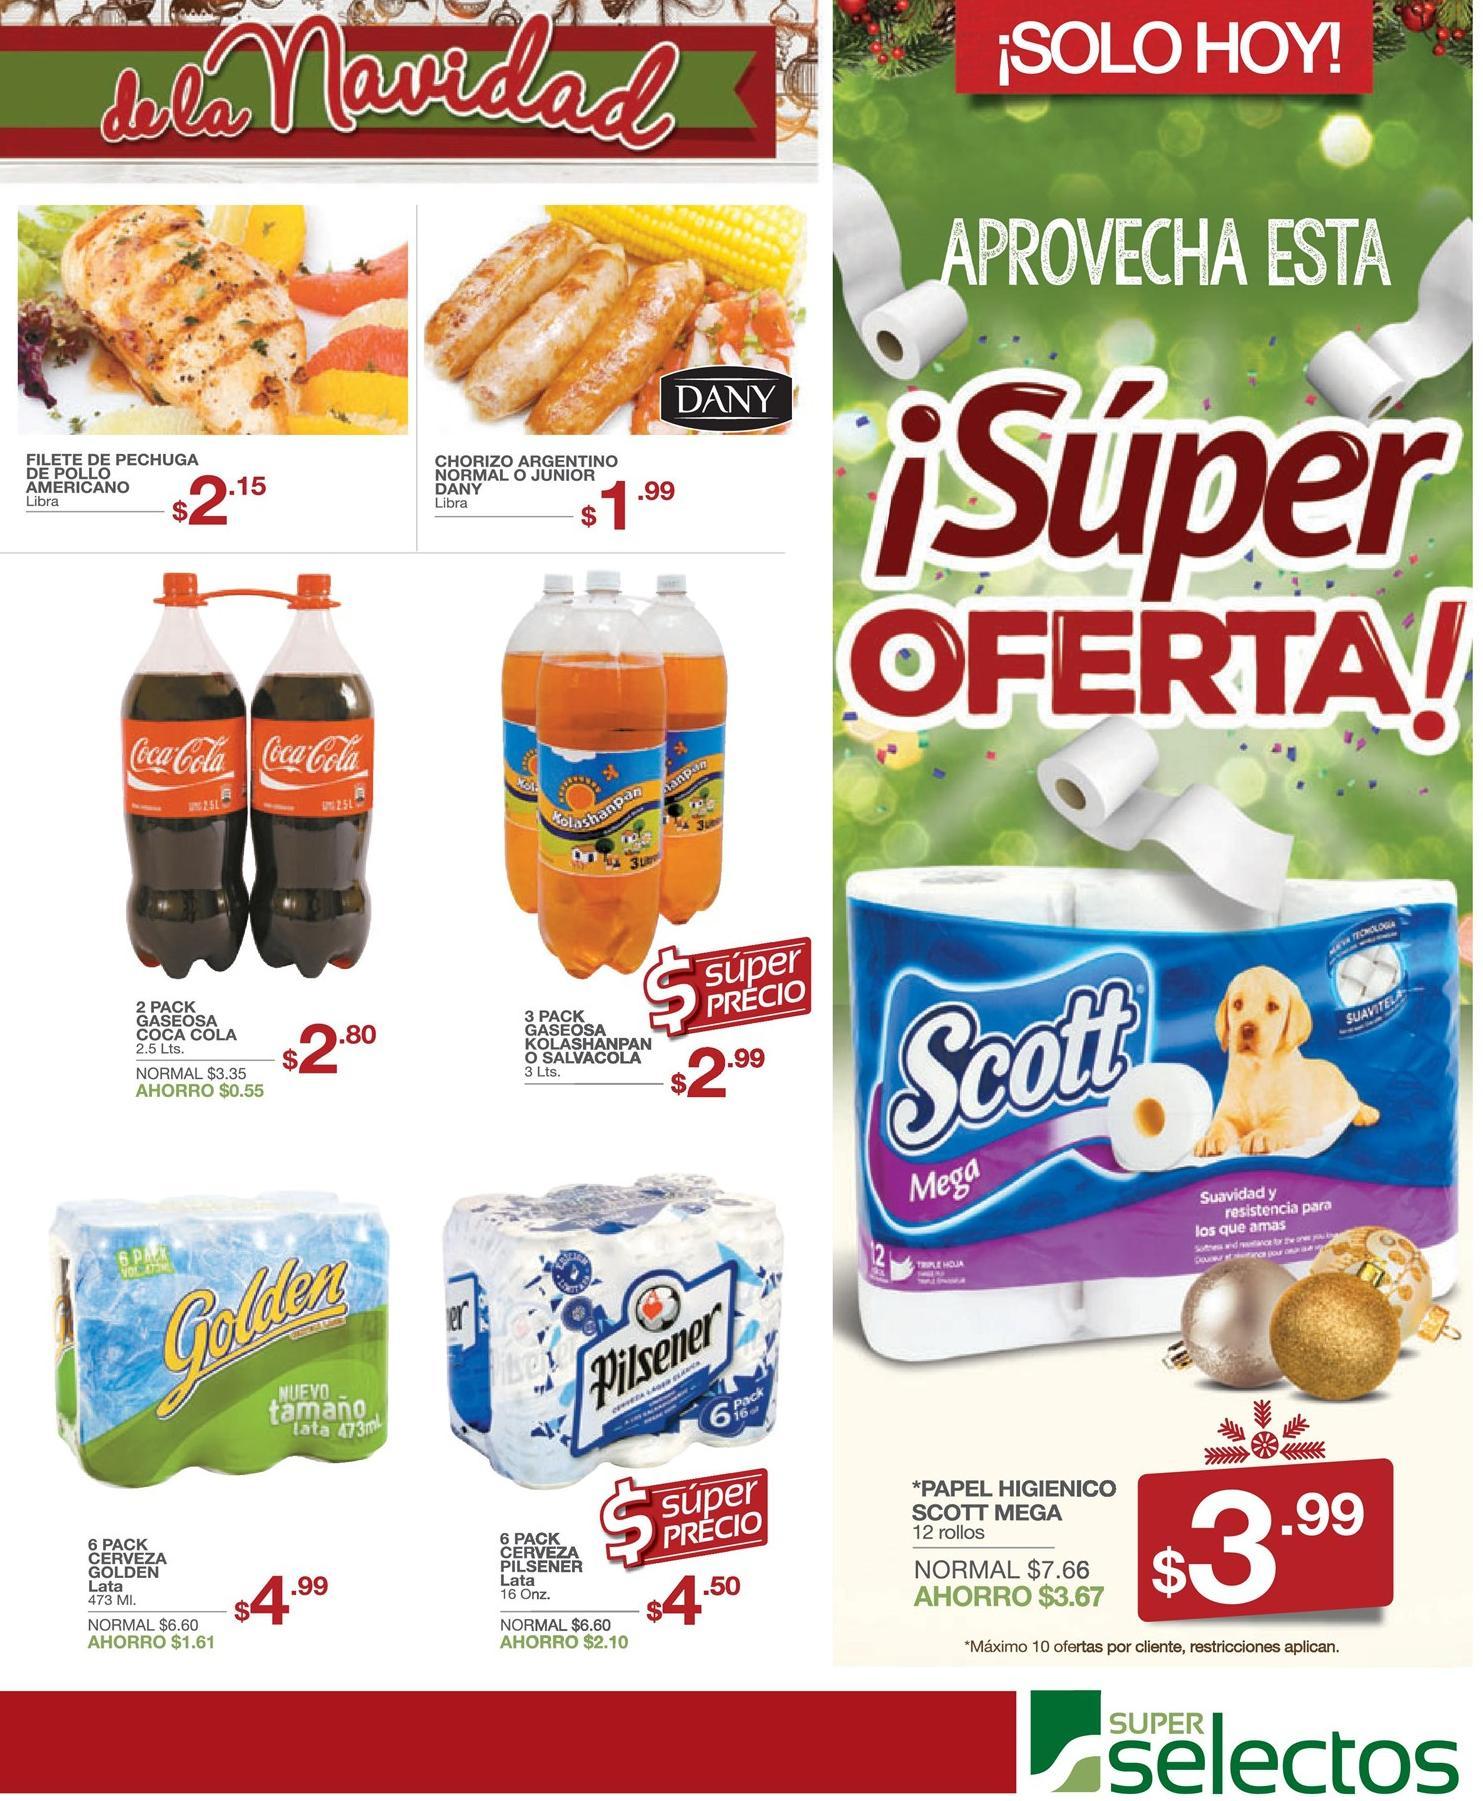 Super ofertas en papel higienico scott ahora - 17dic15